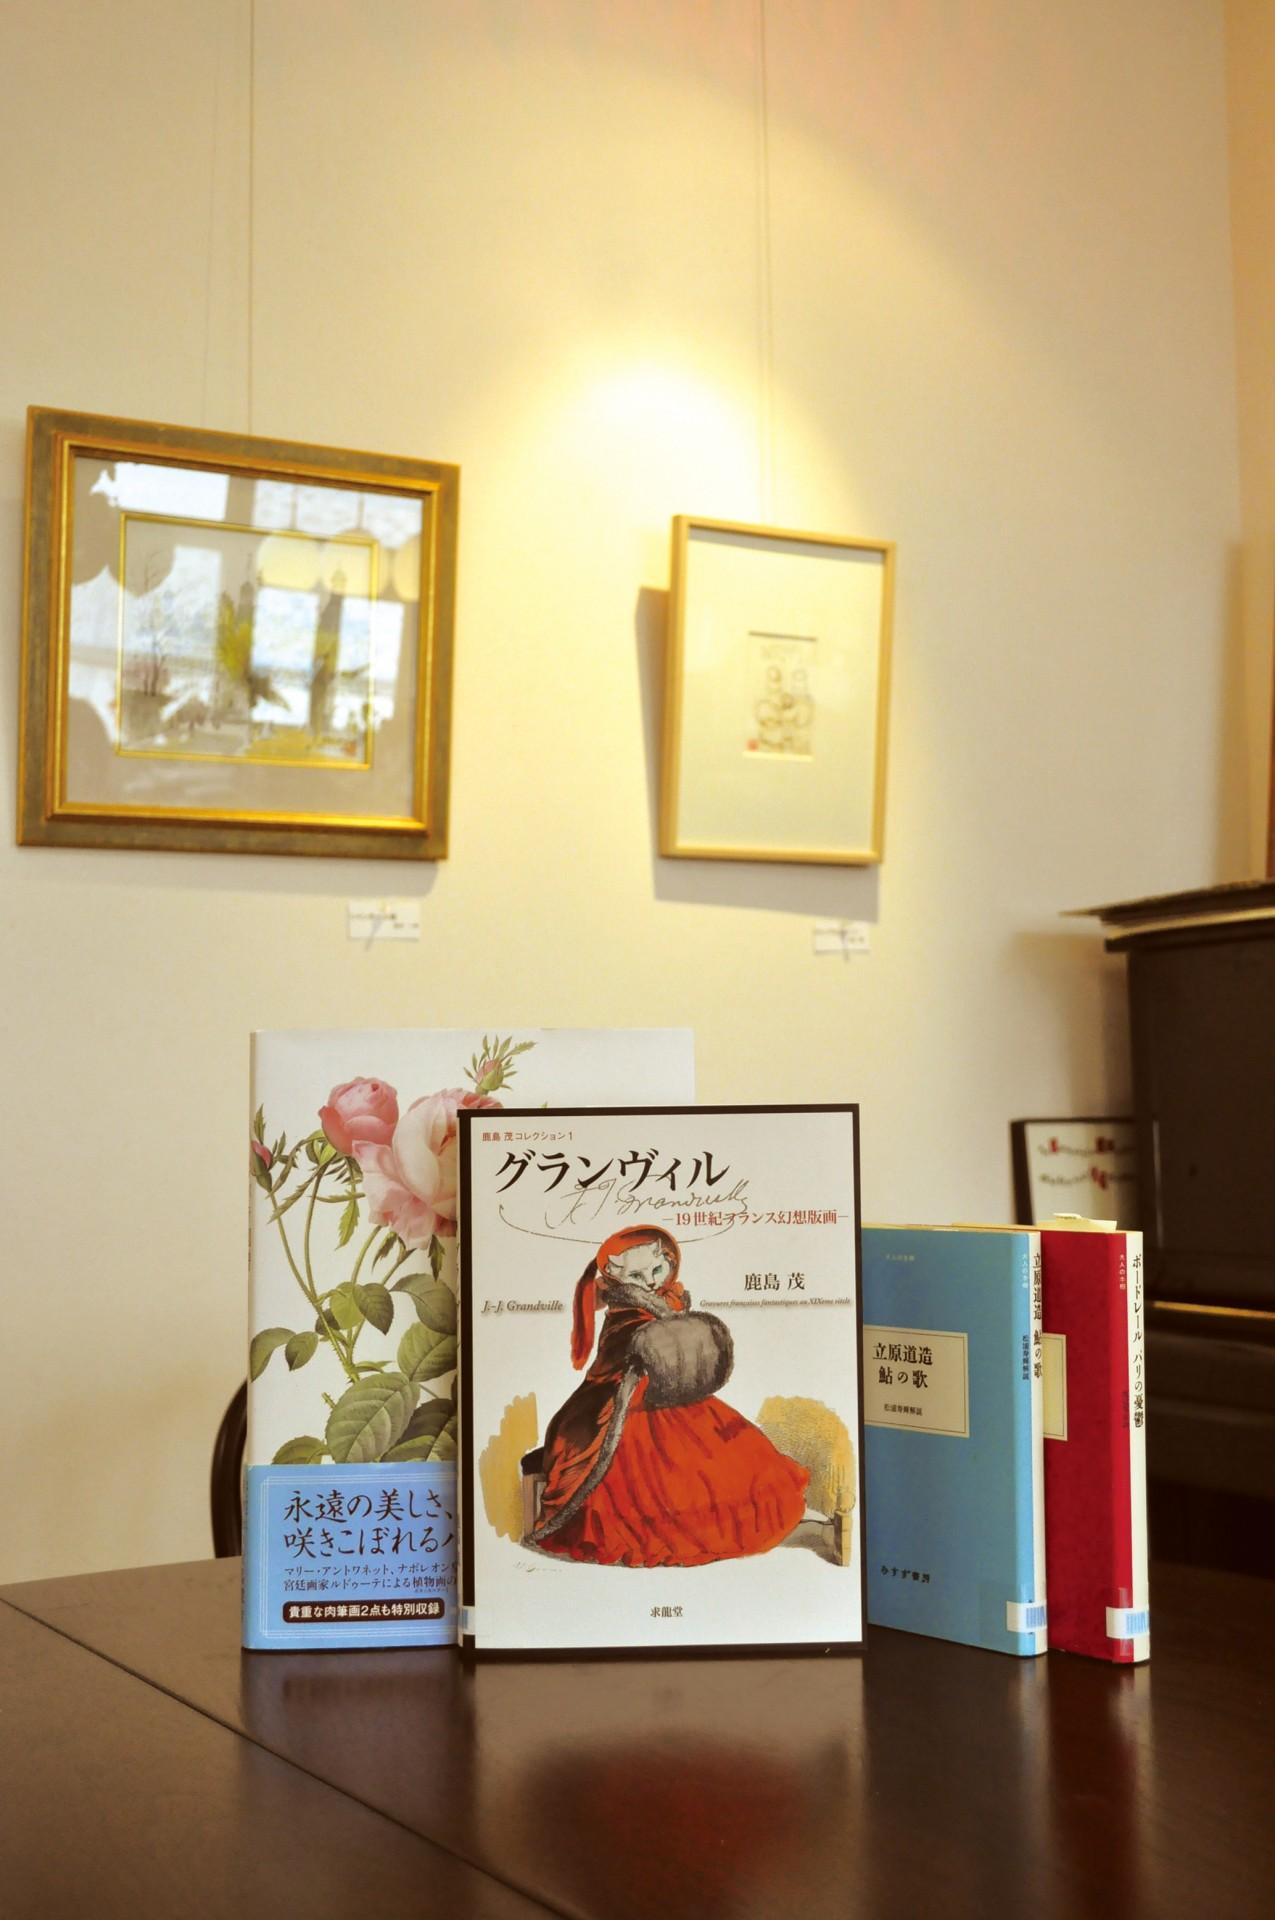 この店の街としょ本棚のテーマは「フランス」